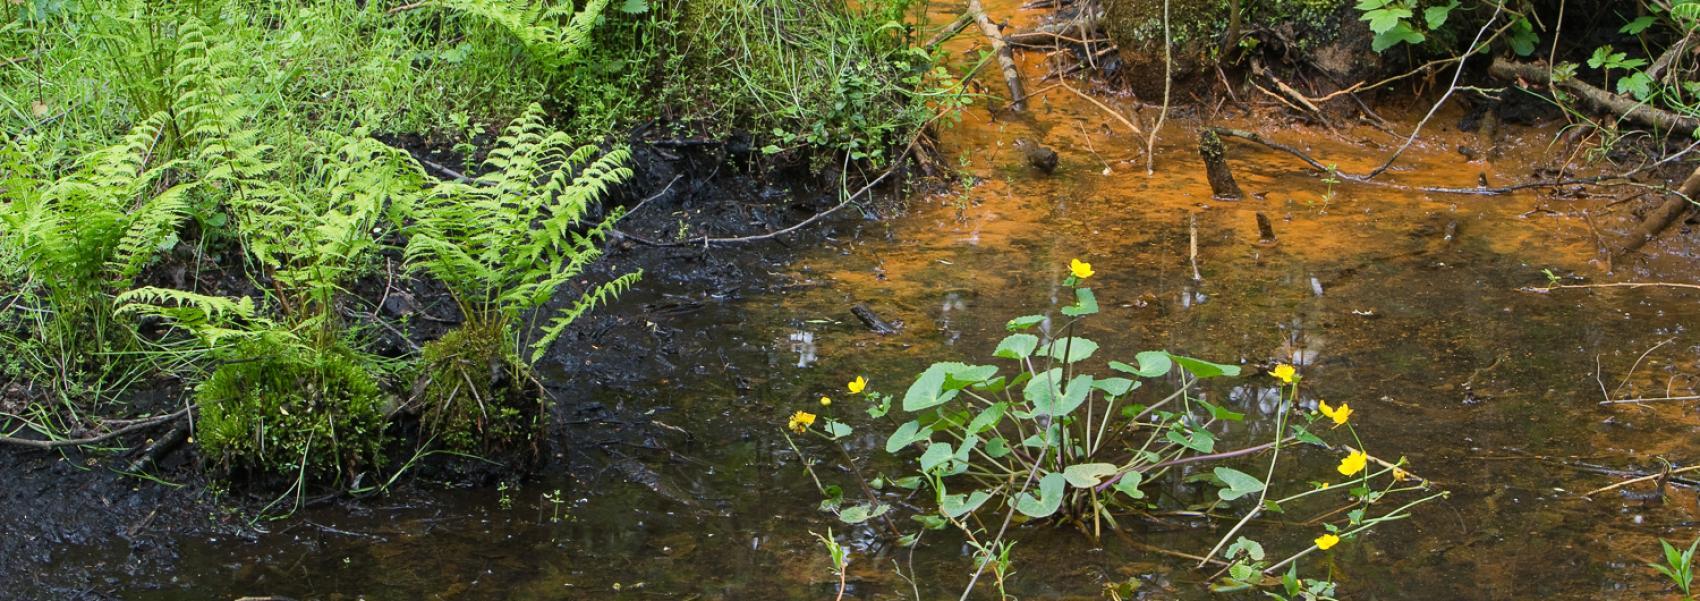 planten in het water